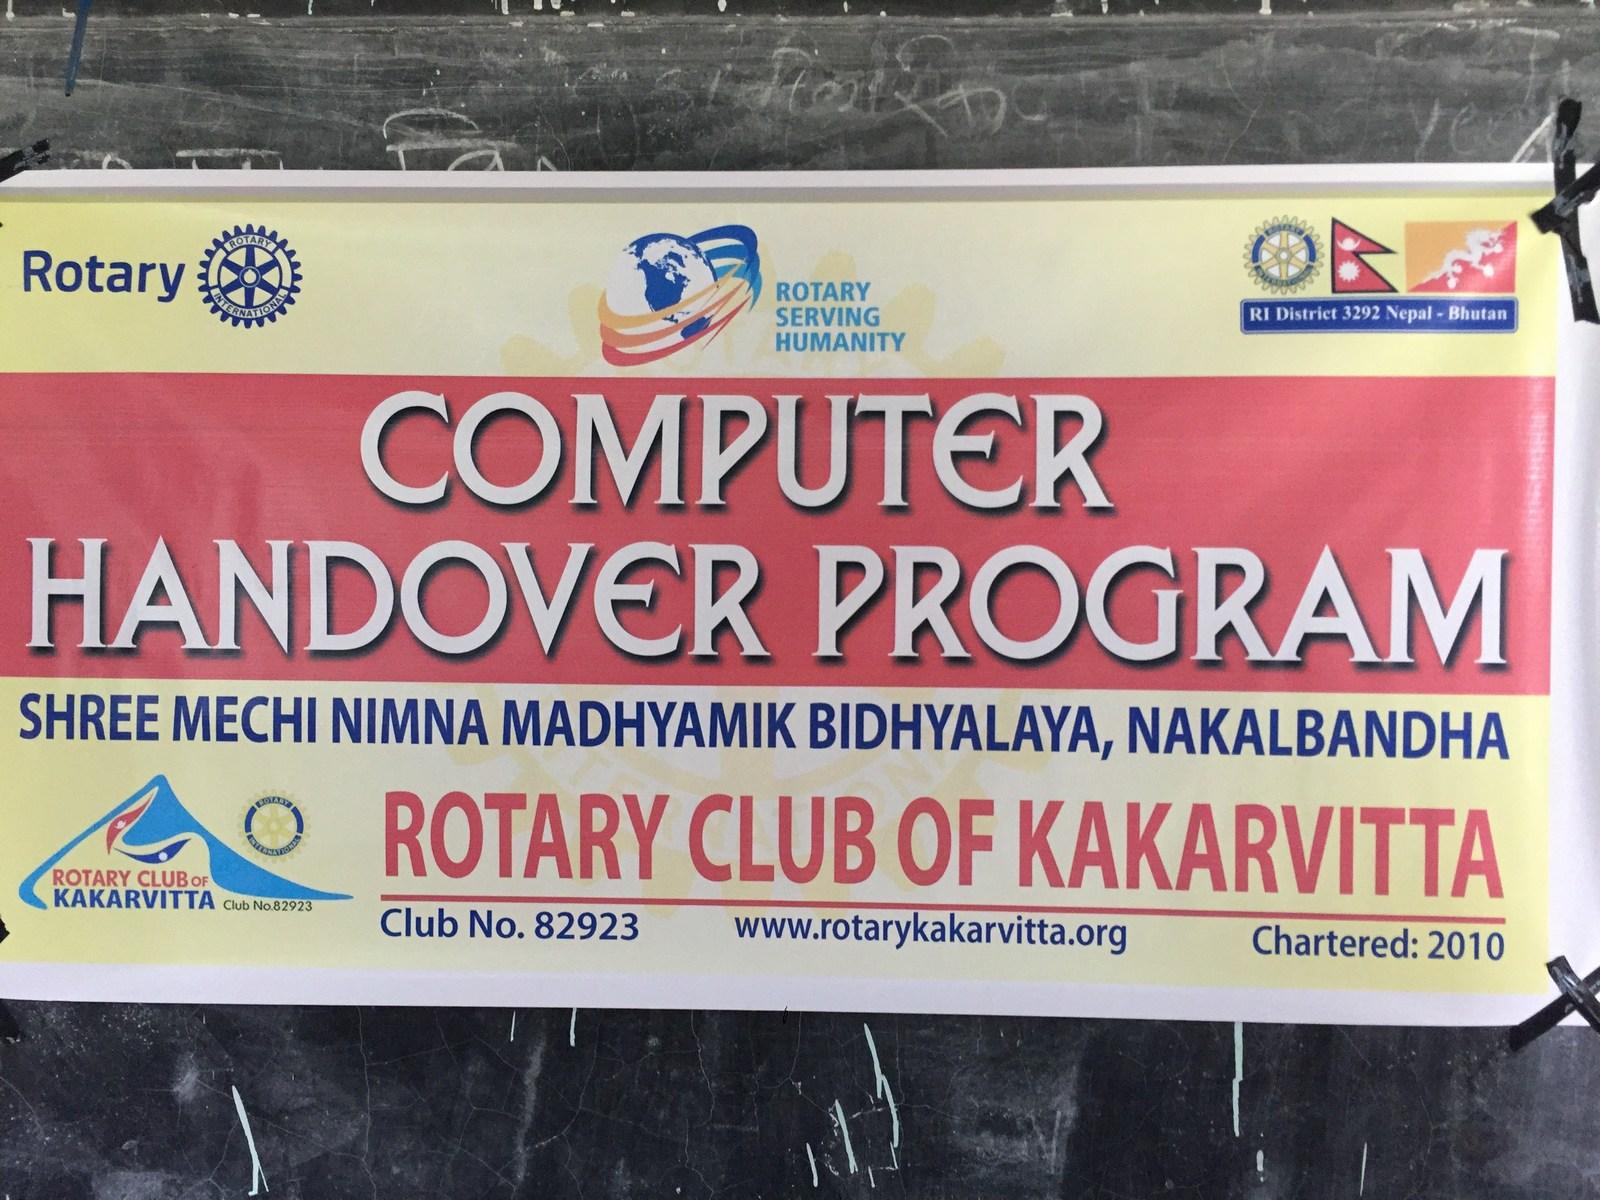 Computer-handover-to-Mechi-Adharbhut-Vidyalaya-Rotary-Club-of-Kakarvitta-1